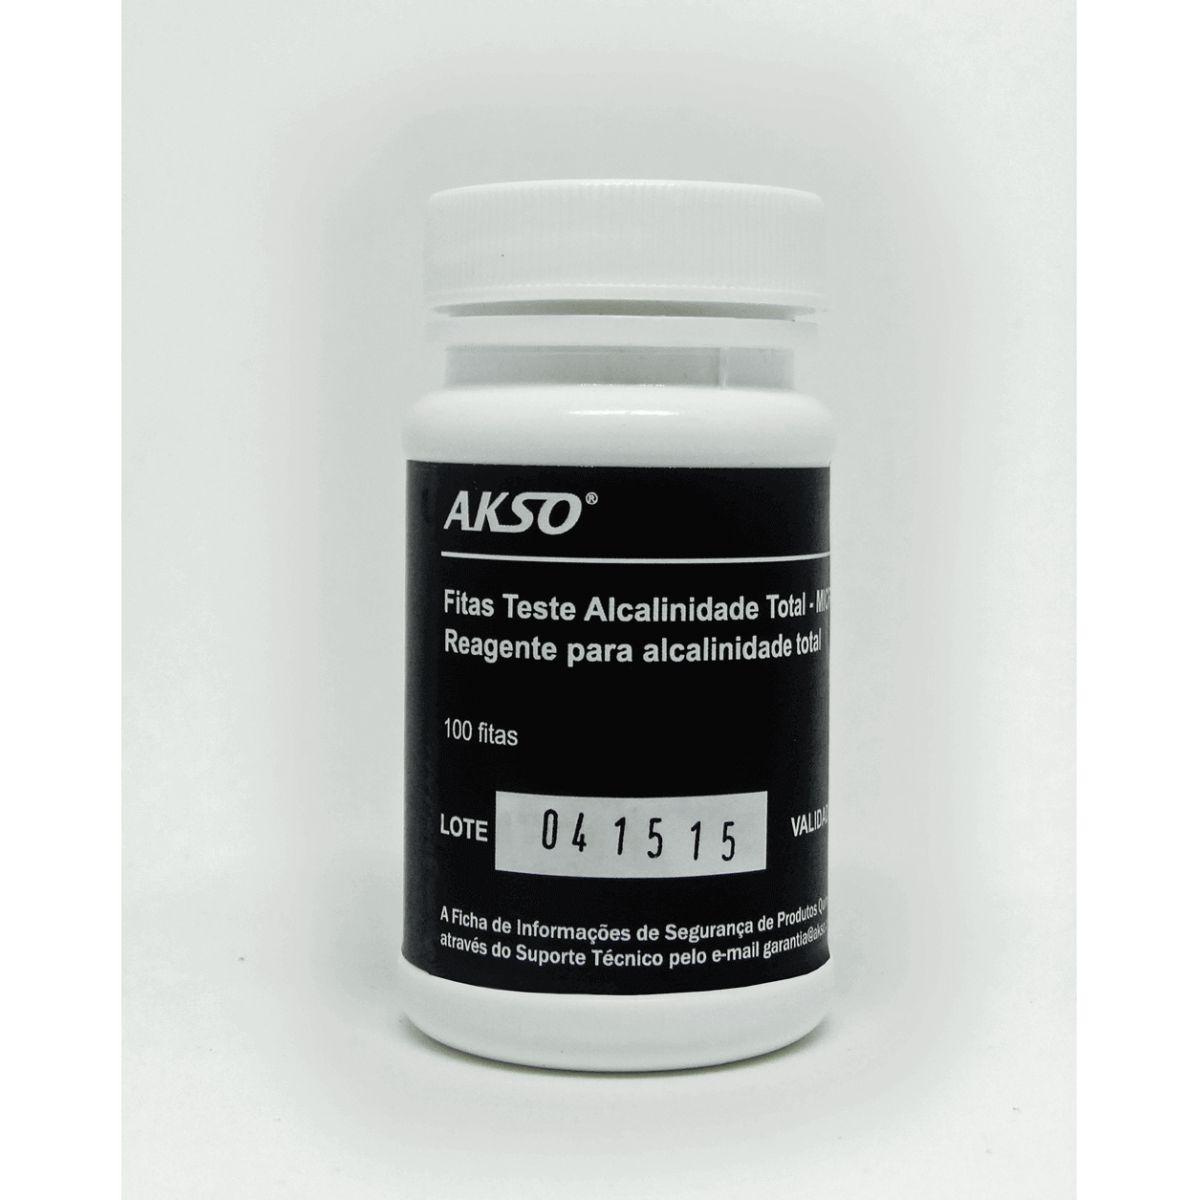 Fitas Teste para Alcalinidade Total (100 testes)